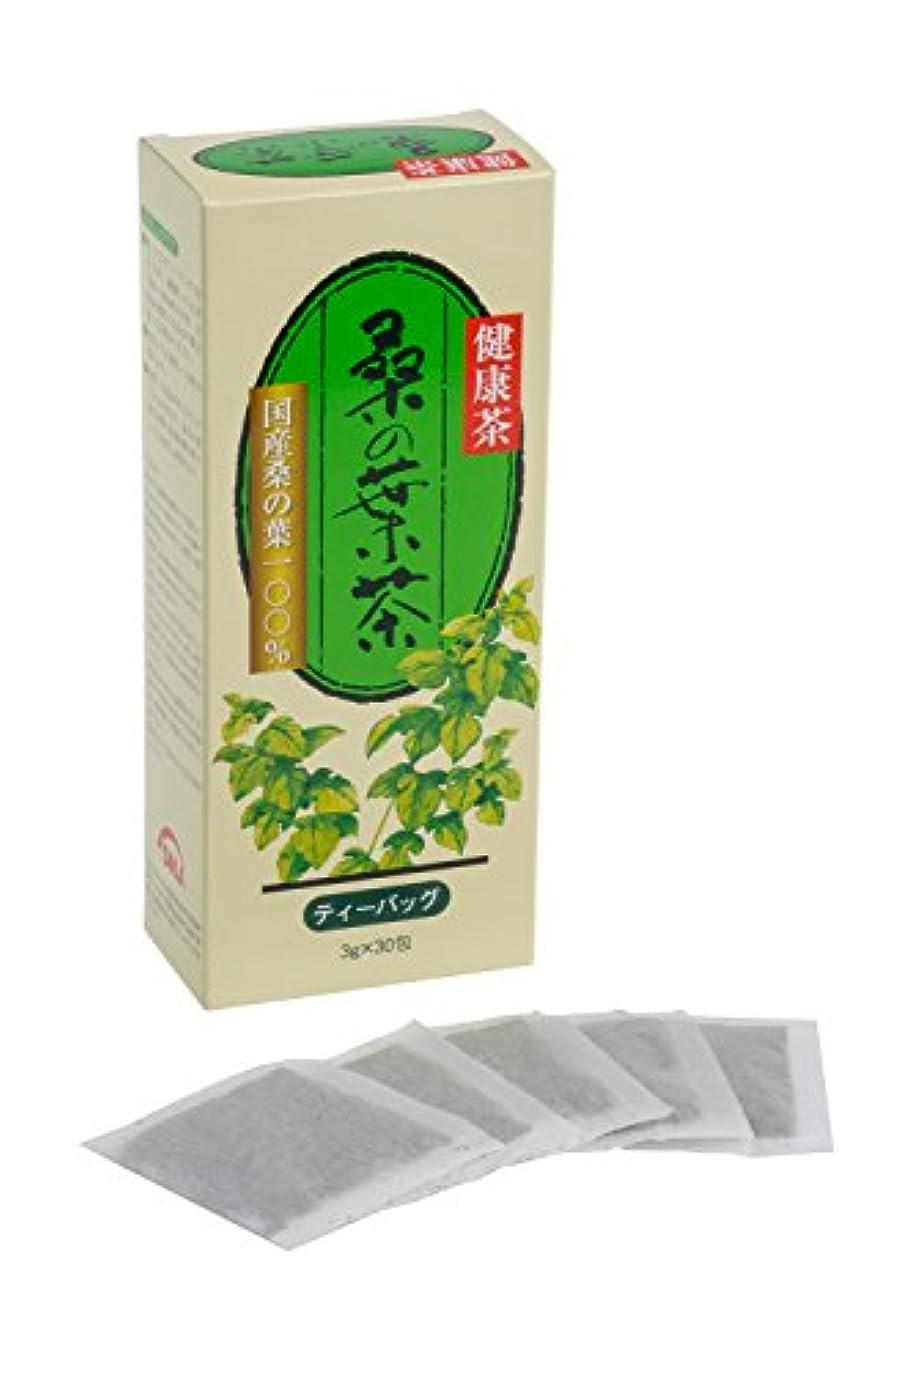 救援アリーナ内側トヨタマ(TOYOTAMA) 国産桑の葉100% 農薬不使用 ノンカフェイン健康茶 桑の葉茶ハードボックス 30包 01096201